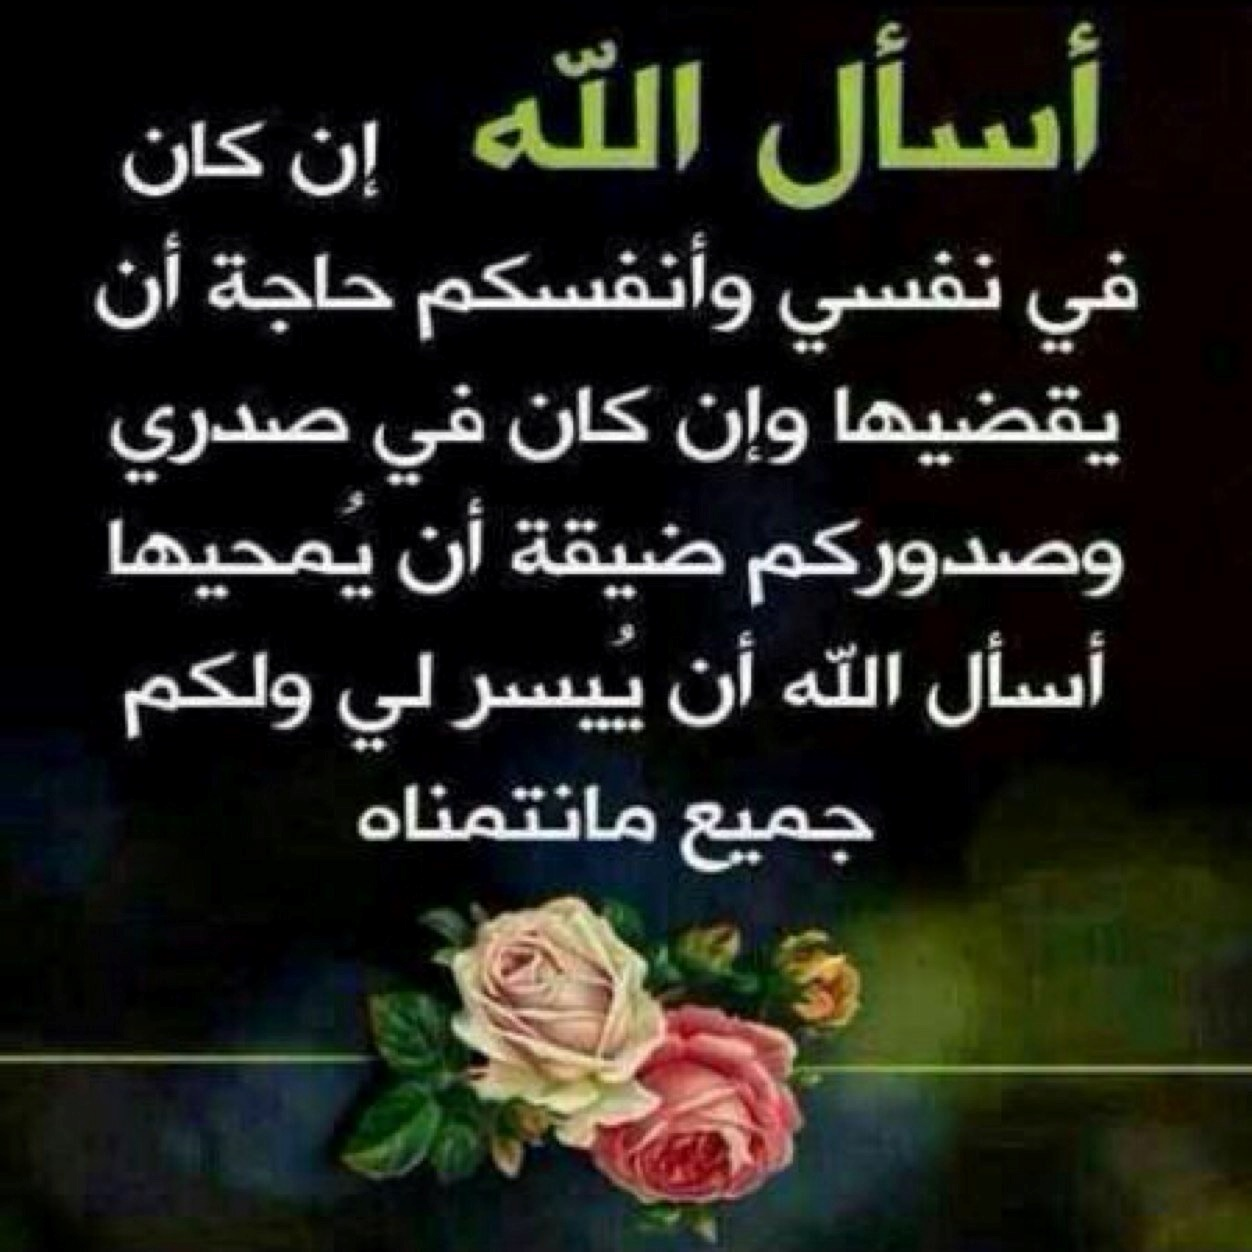 تحميل أدعية إسلامية